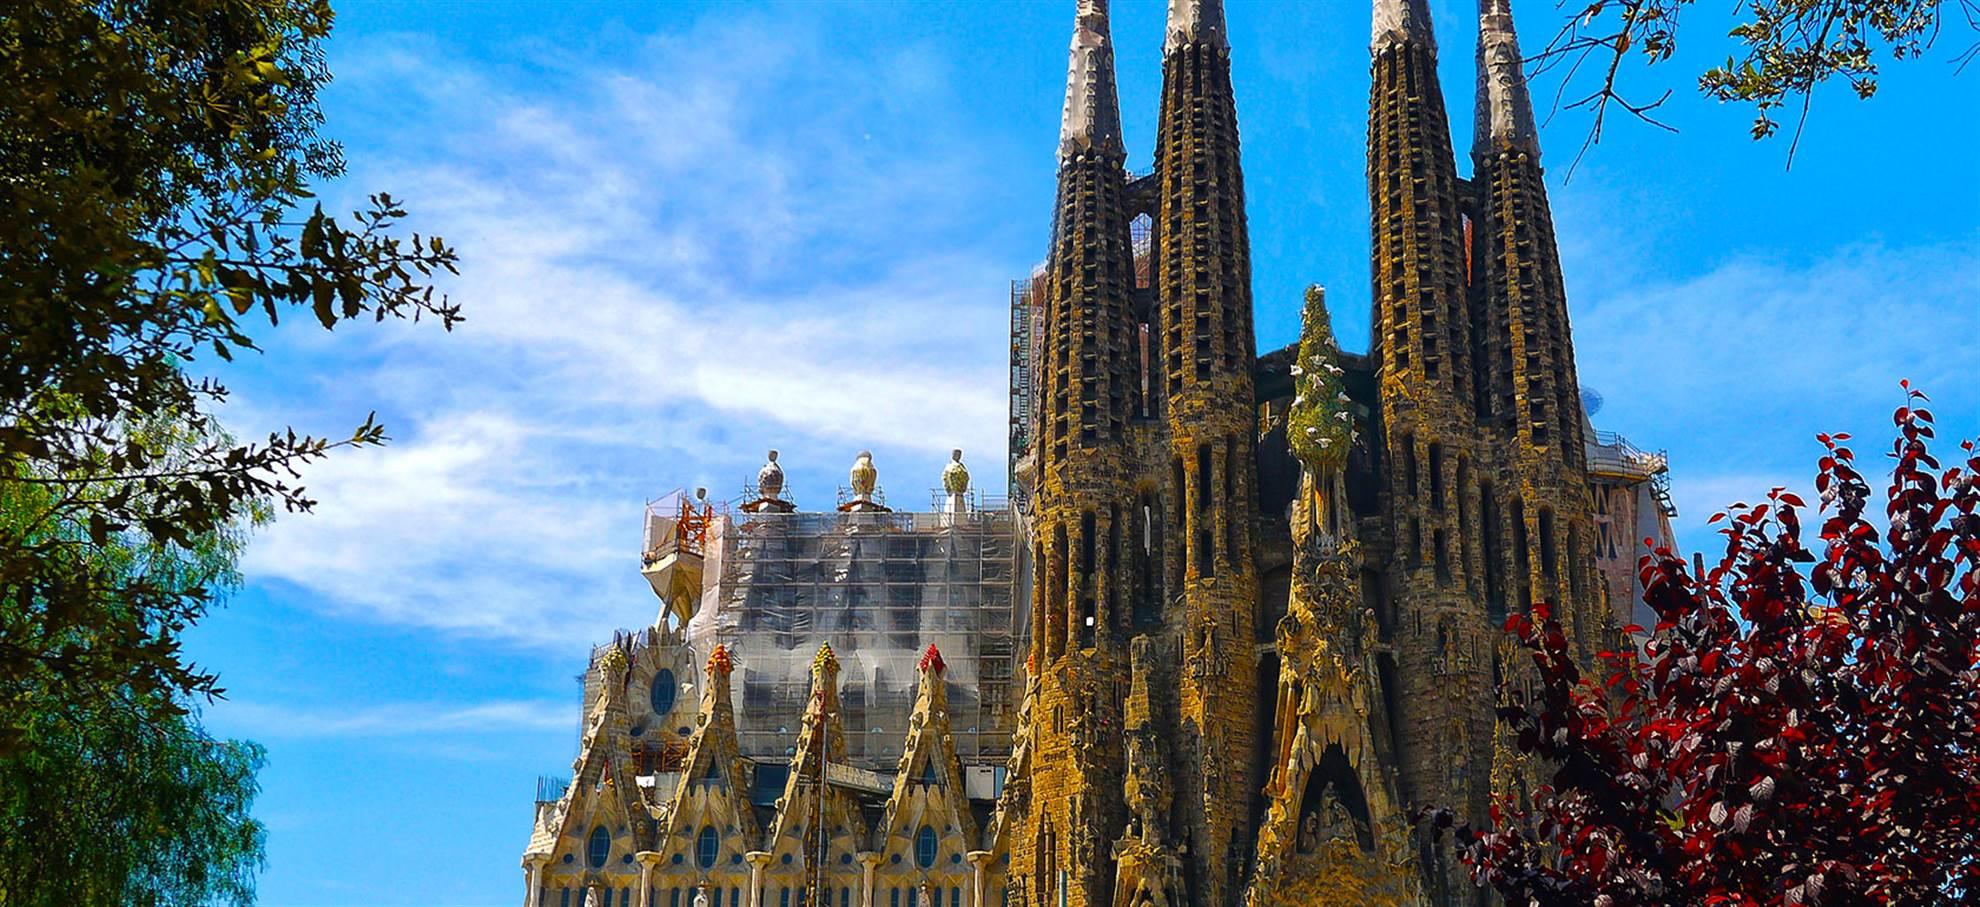 Sagrada Familia - Guided Tour